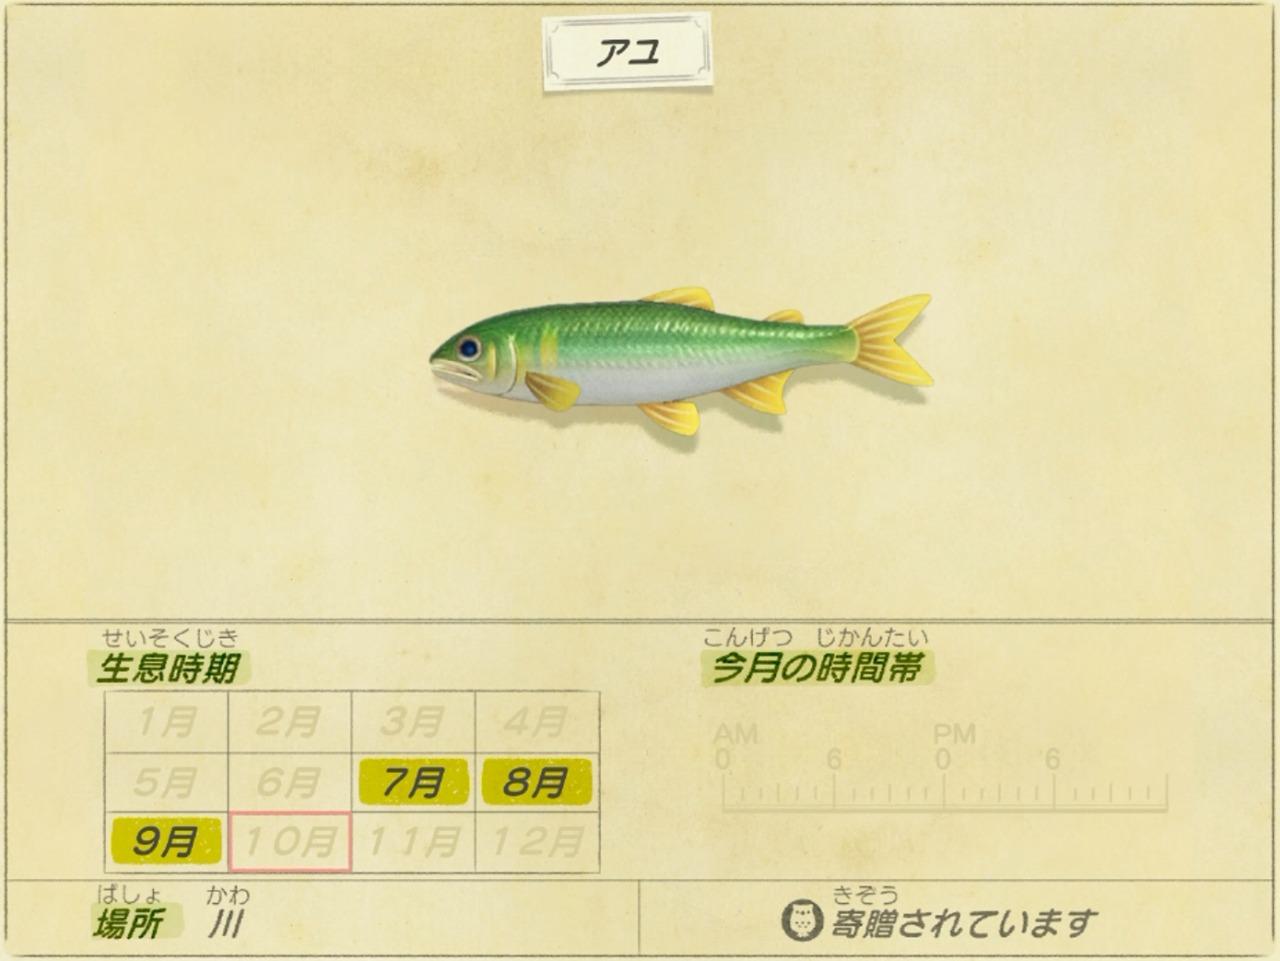 アユ - sweetfish